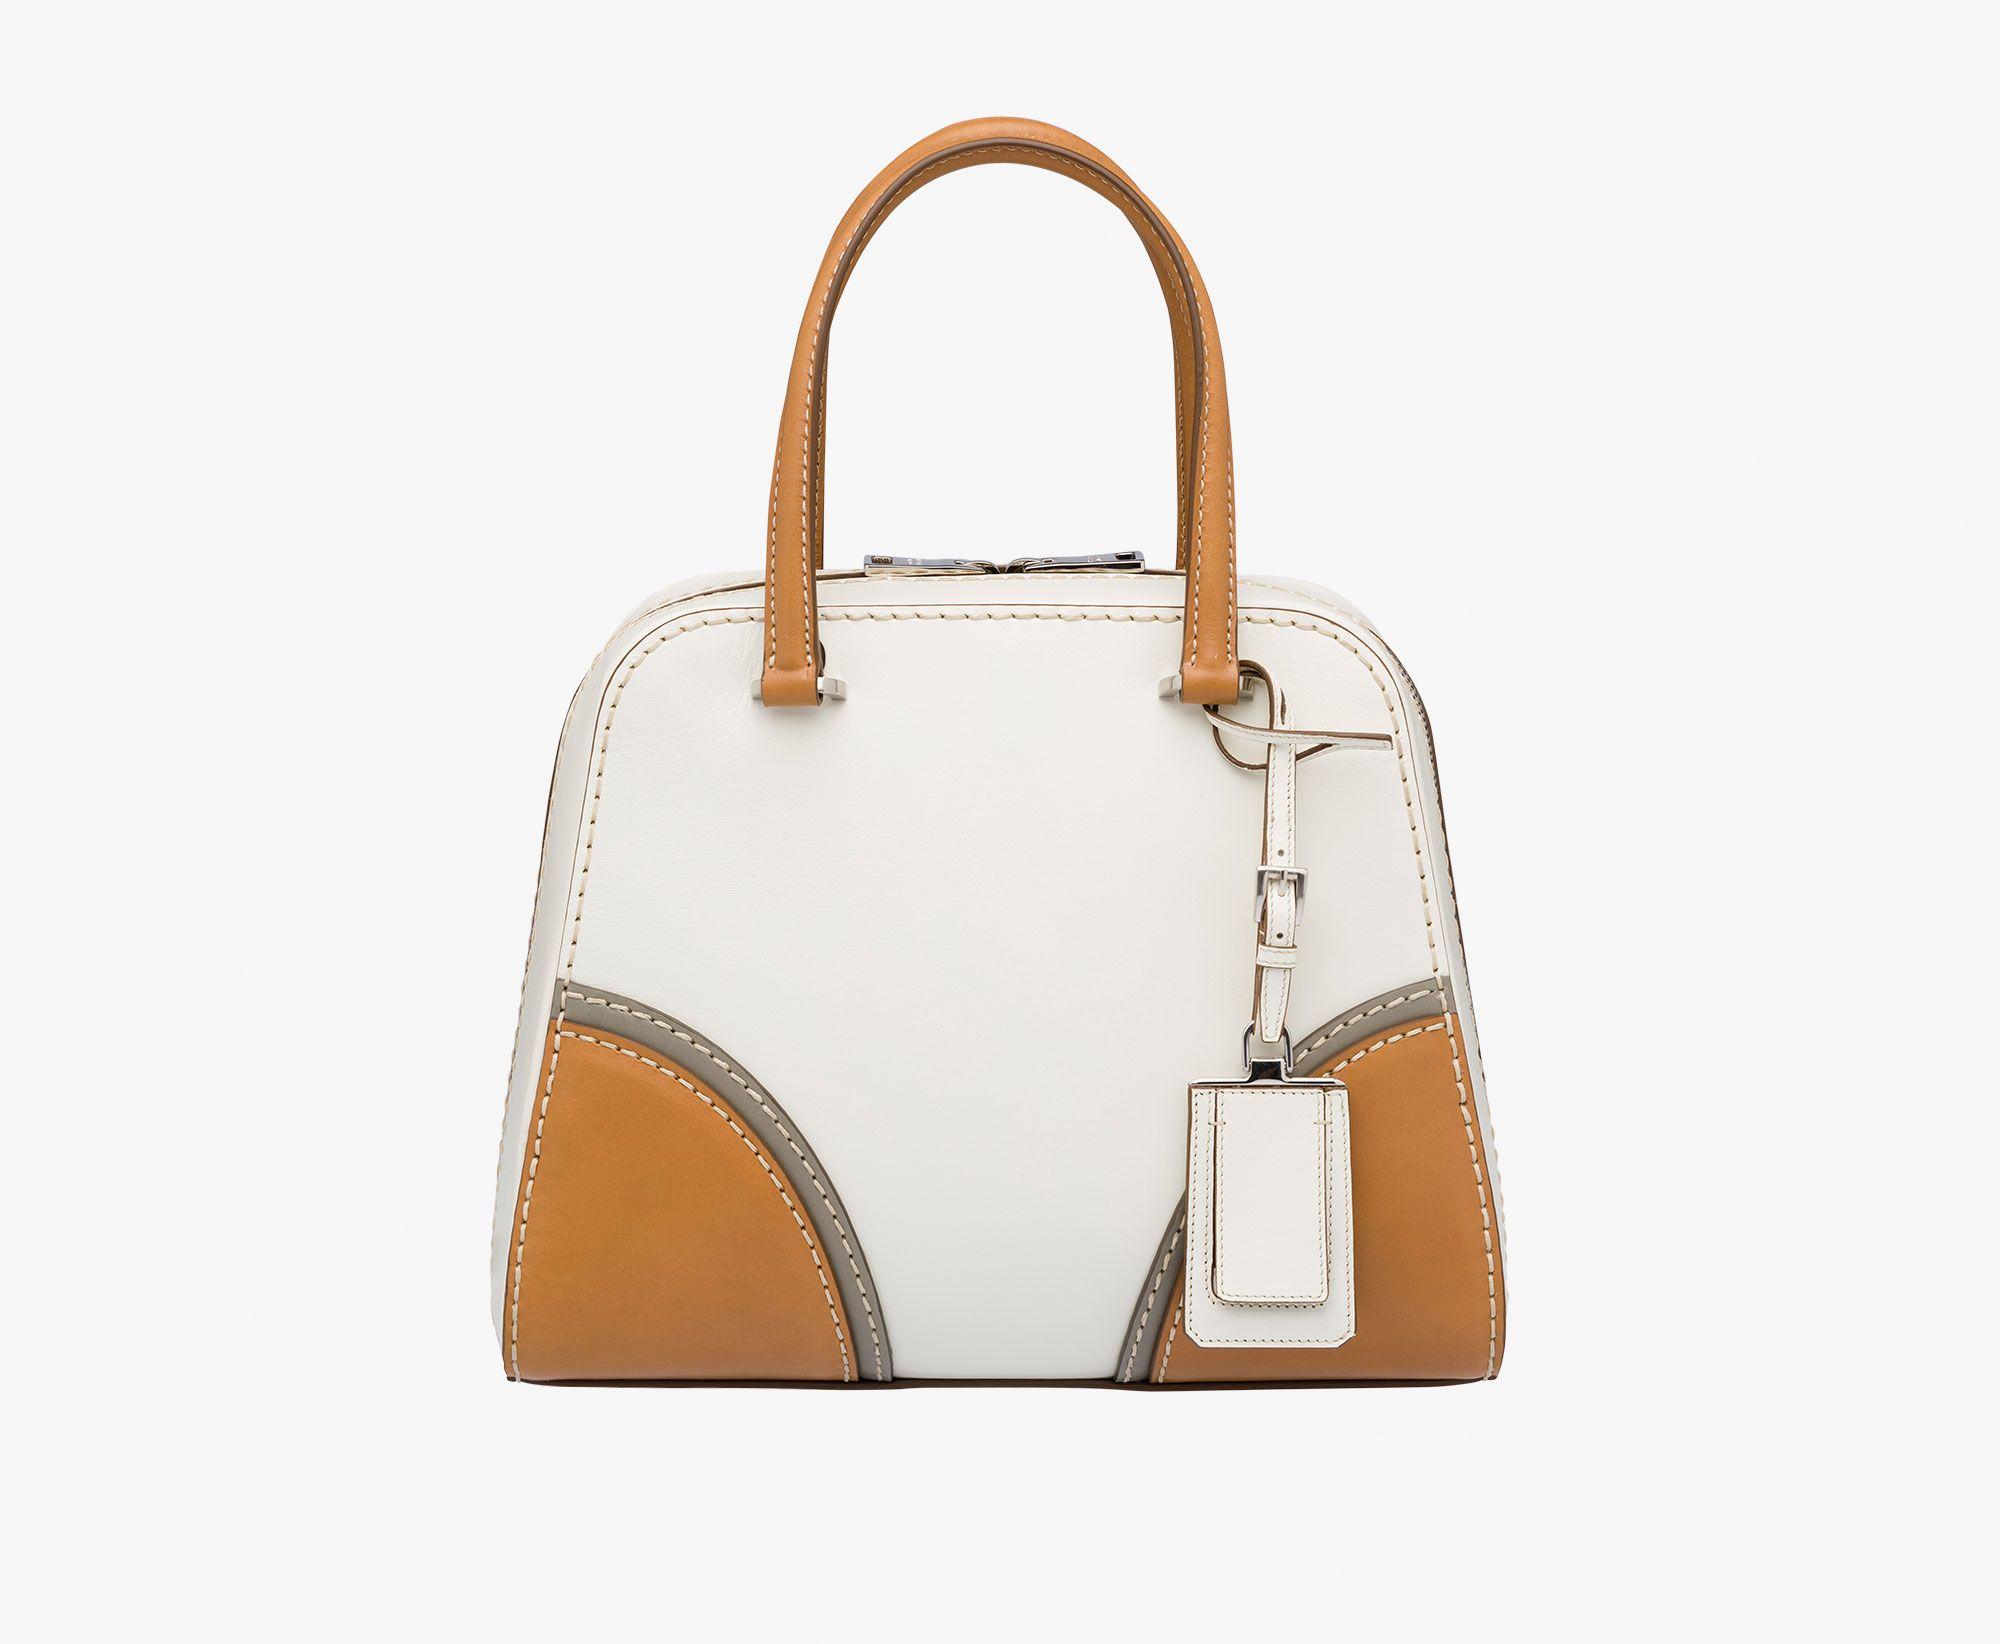 BL0924_2E14_F0J4L top handle - Handbags - Woman - eStore | Prada.com